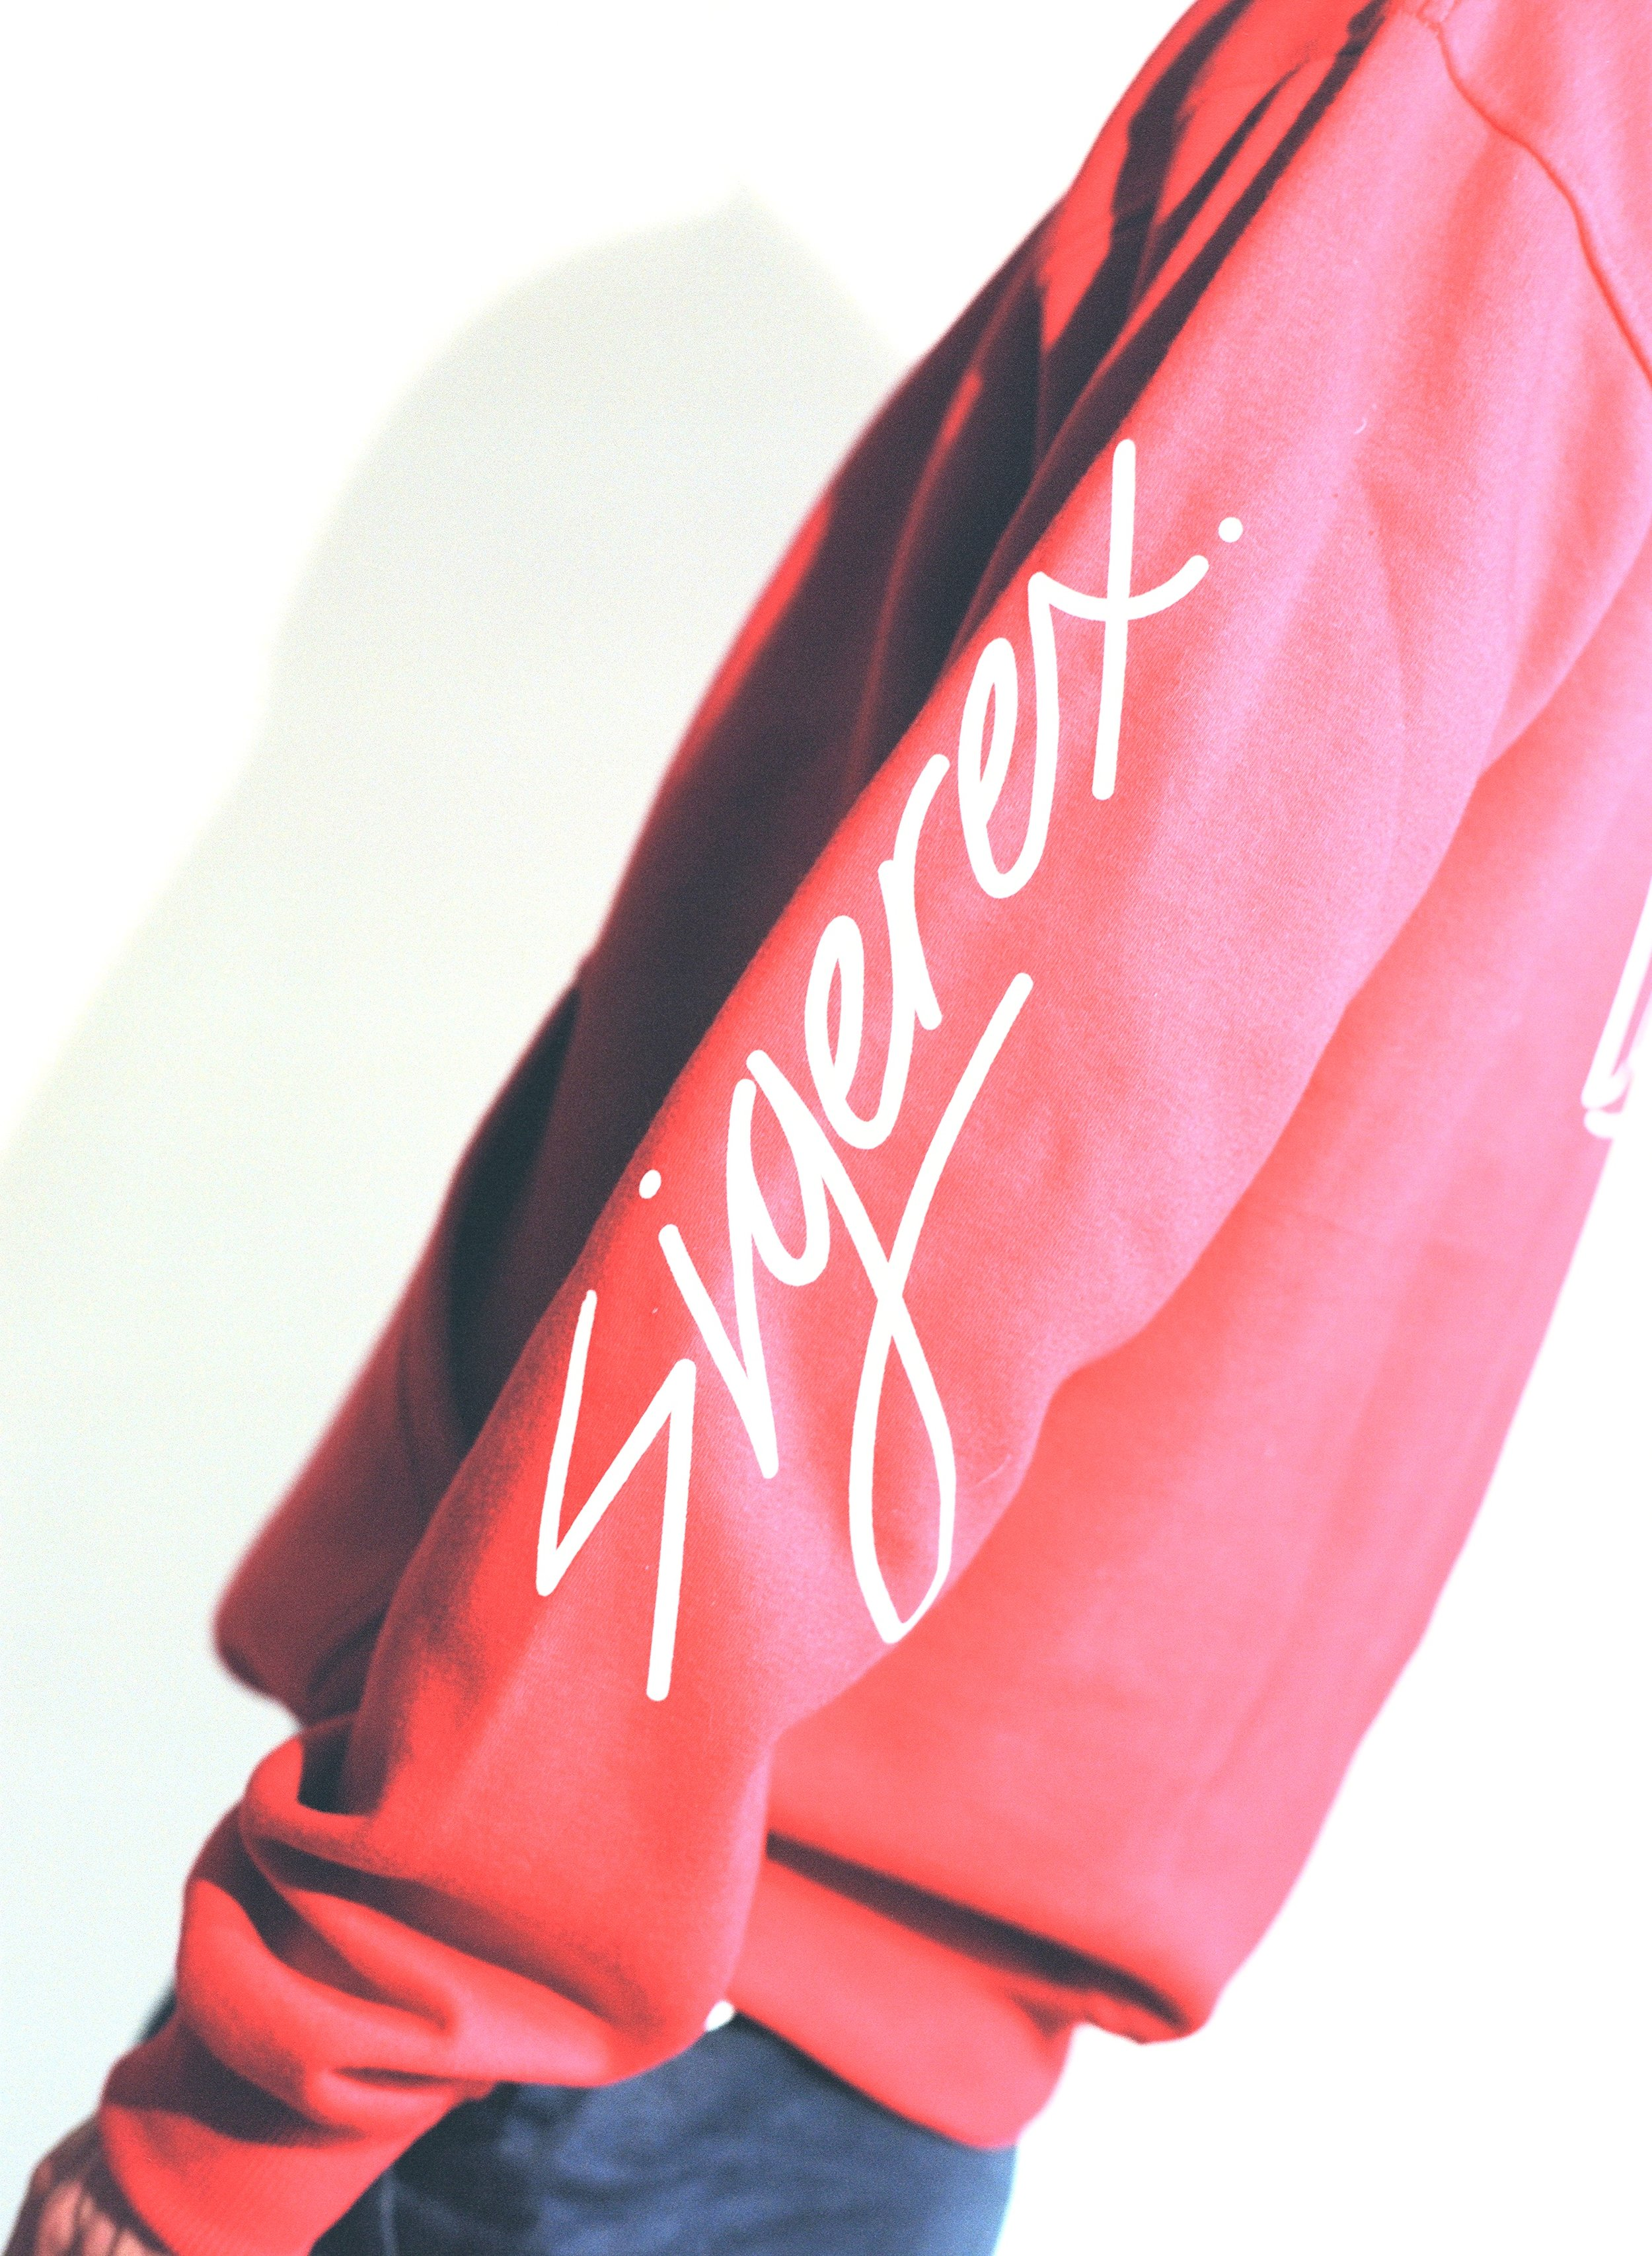 SEASON 2 RED SIGEREX. HOODIE